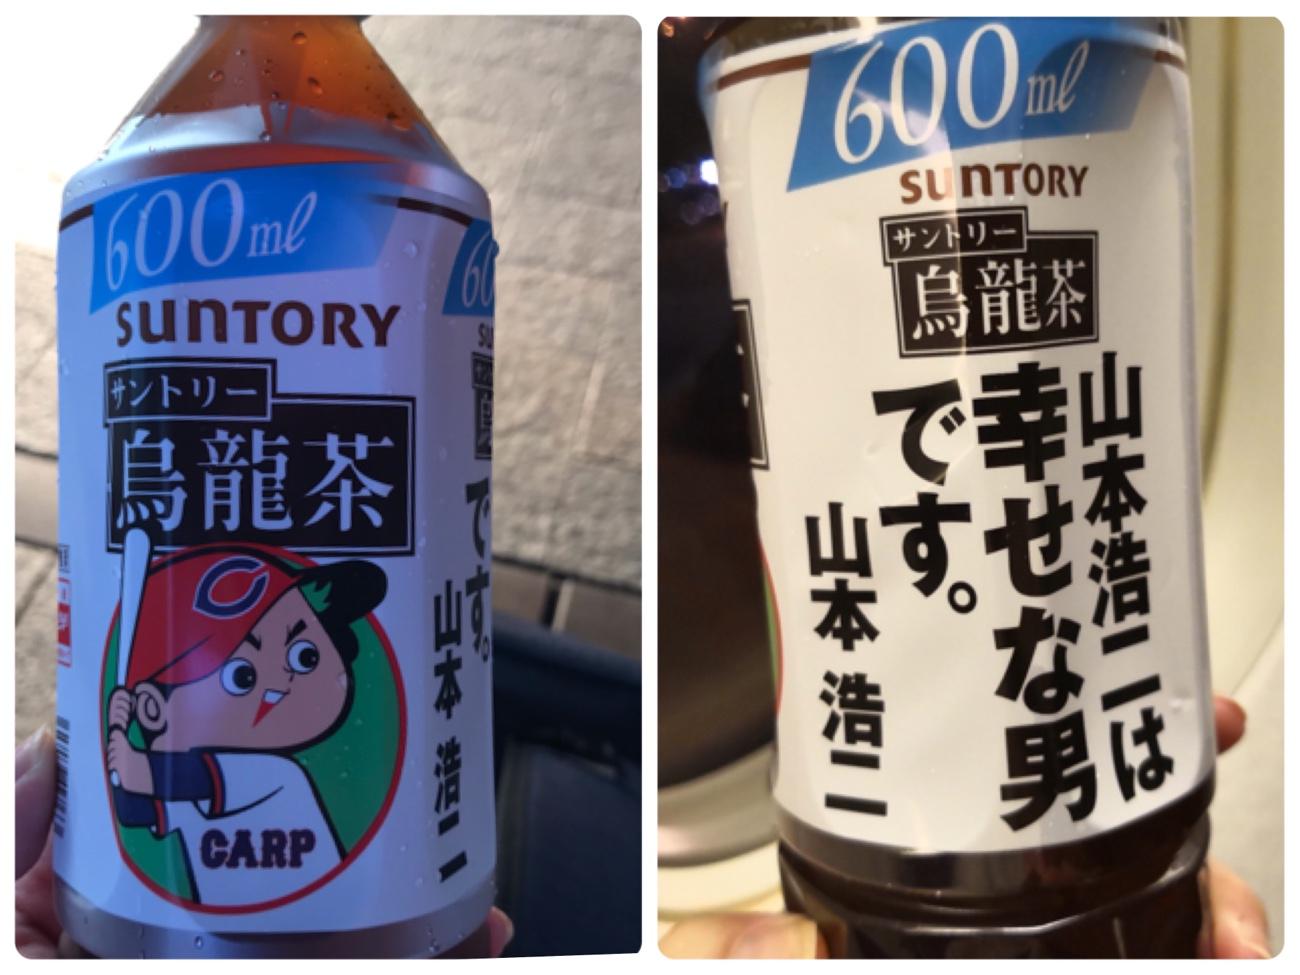 サントリーウーロン茶 広島カープ